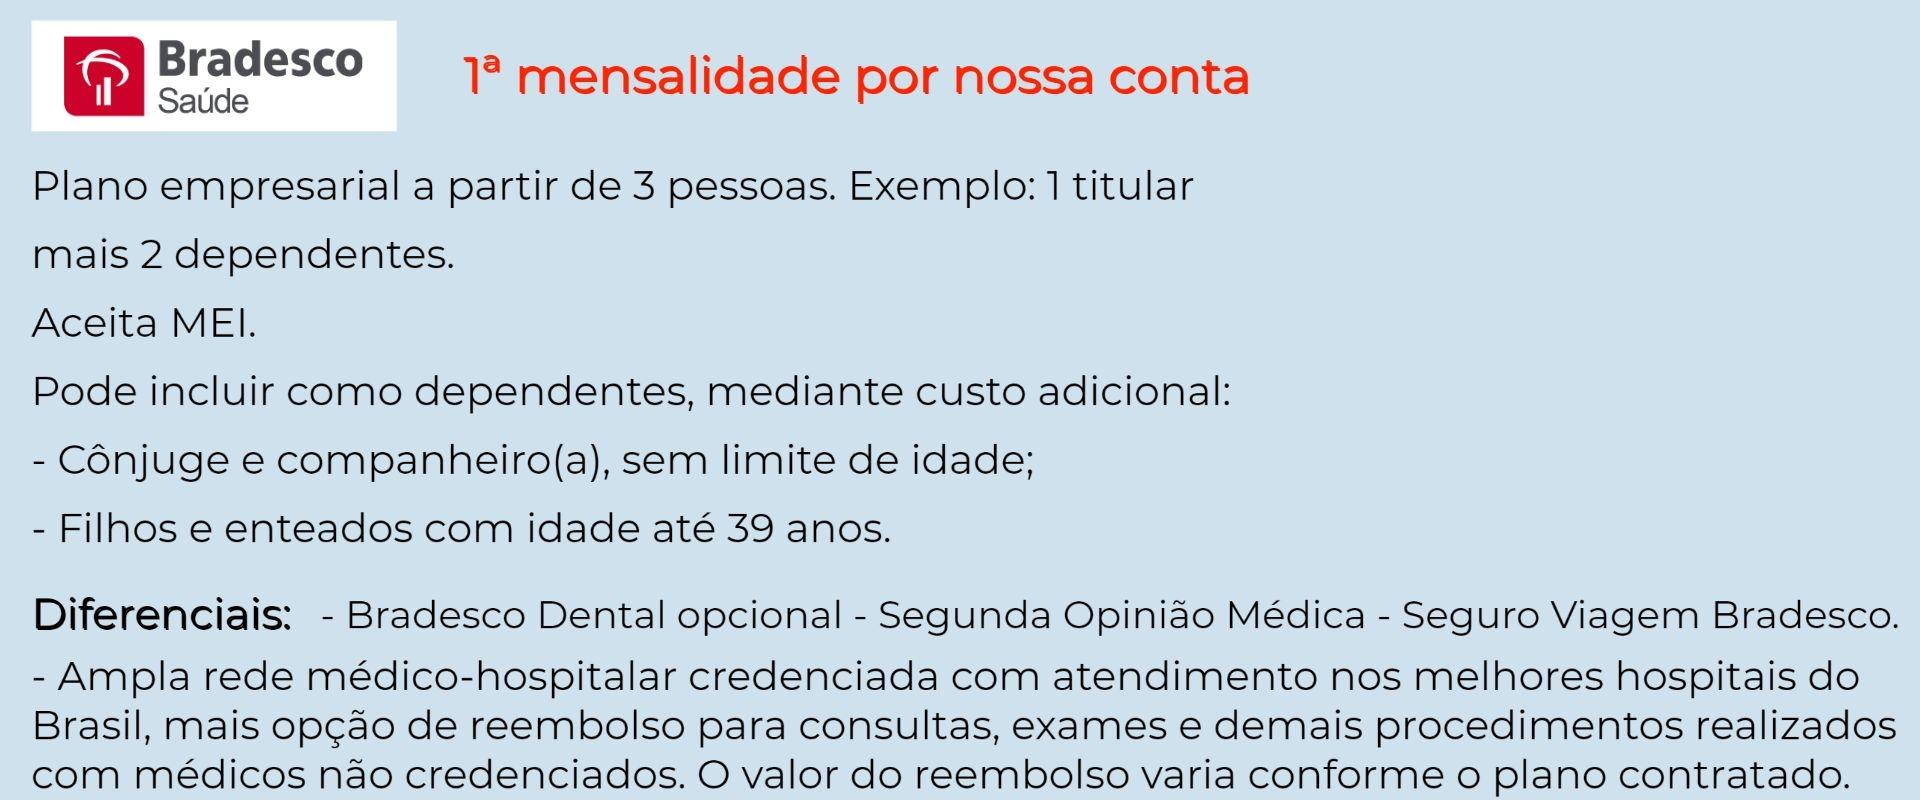 Bradesco Saúde Empresarial - Recanto das Emas